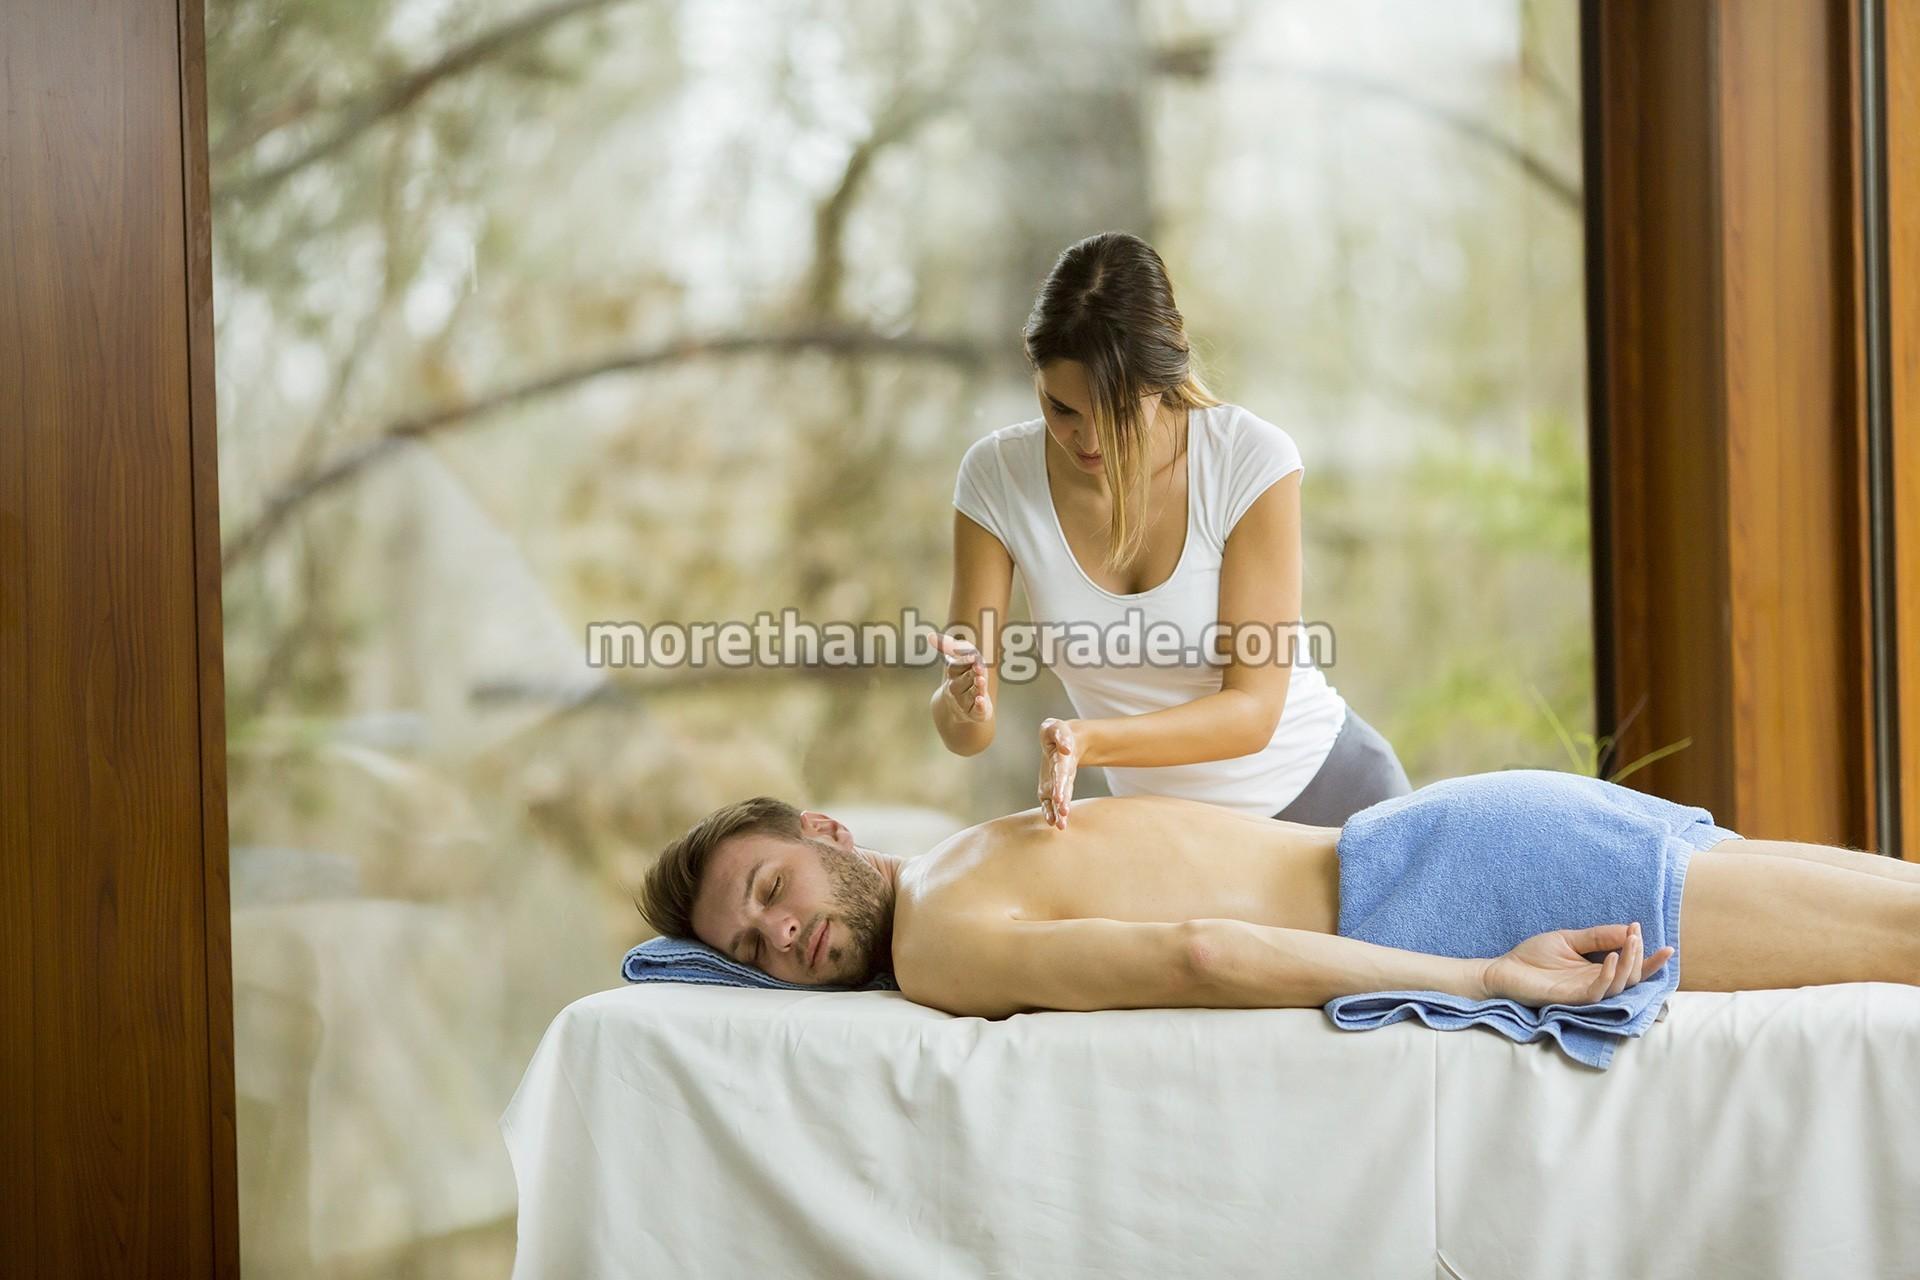 Copenhagen massage parlour Erotic &